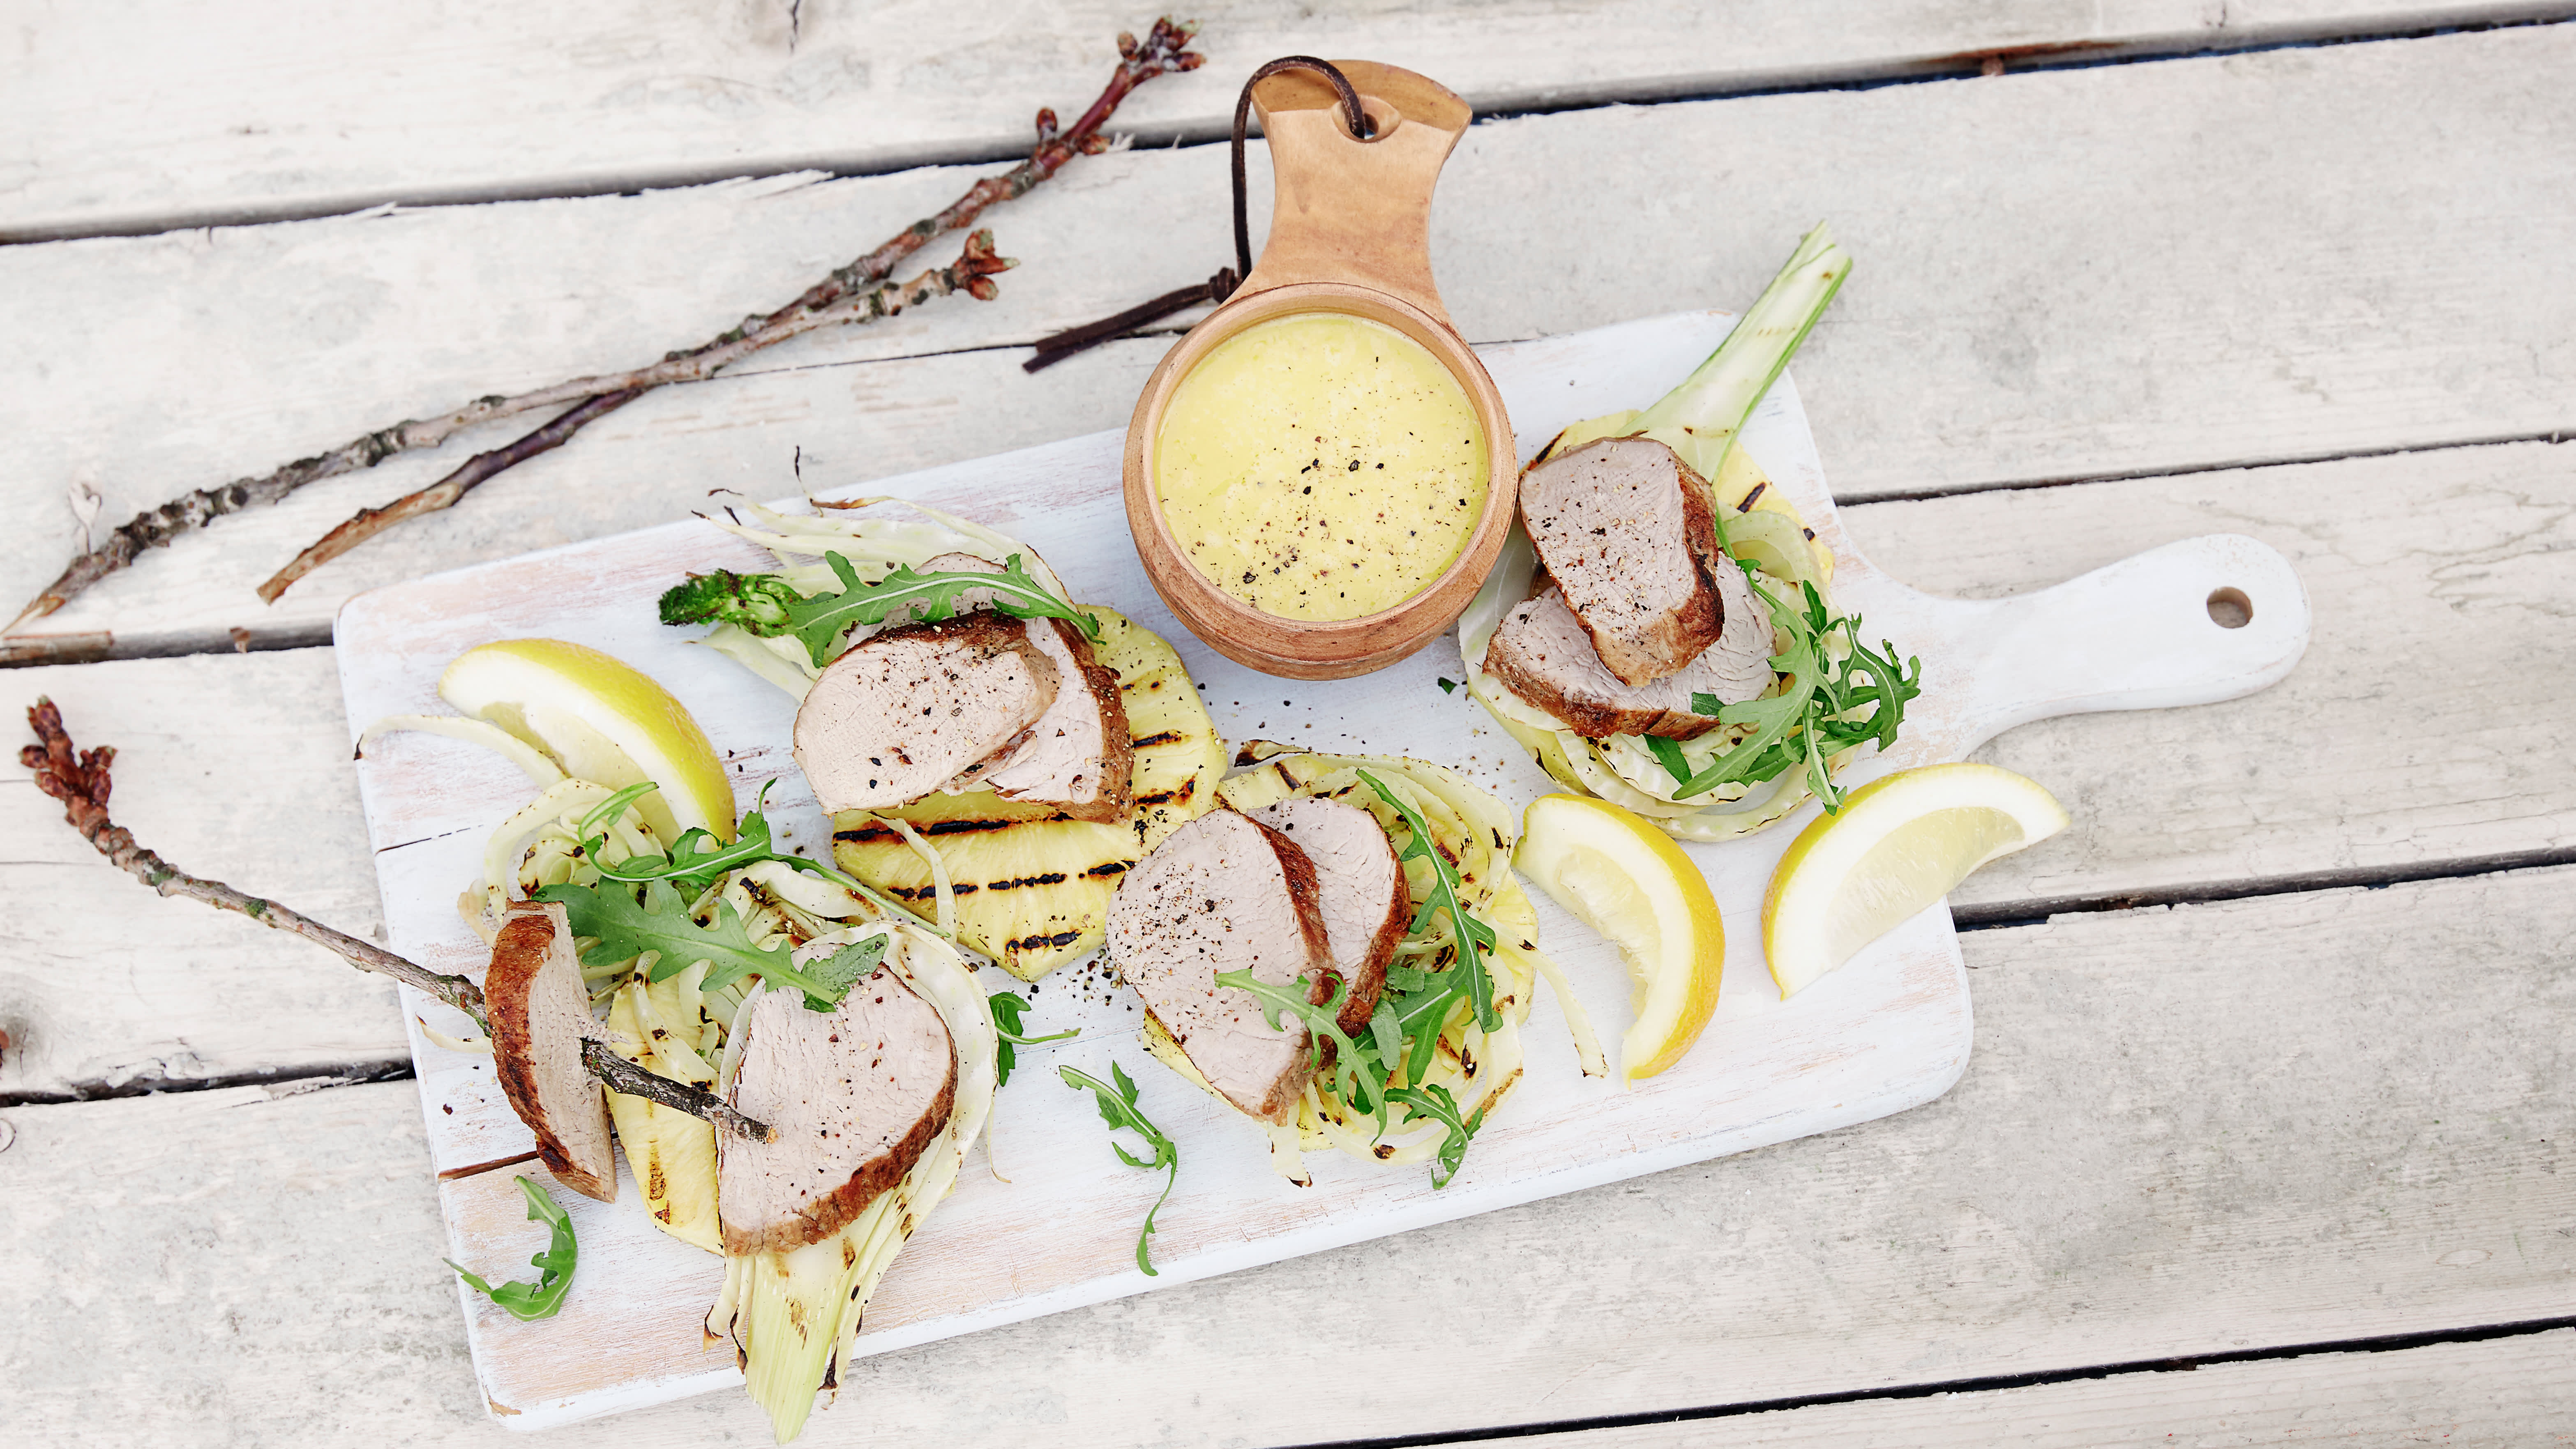 Prøv grillet svinefilet med coleslaw i stedet for ananas og fennikel.